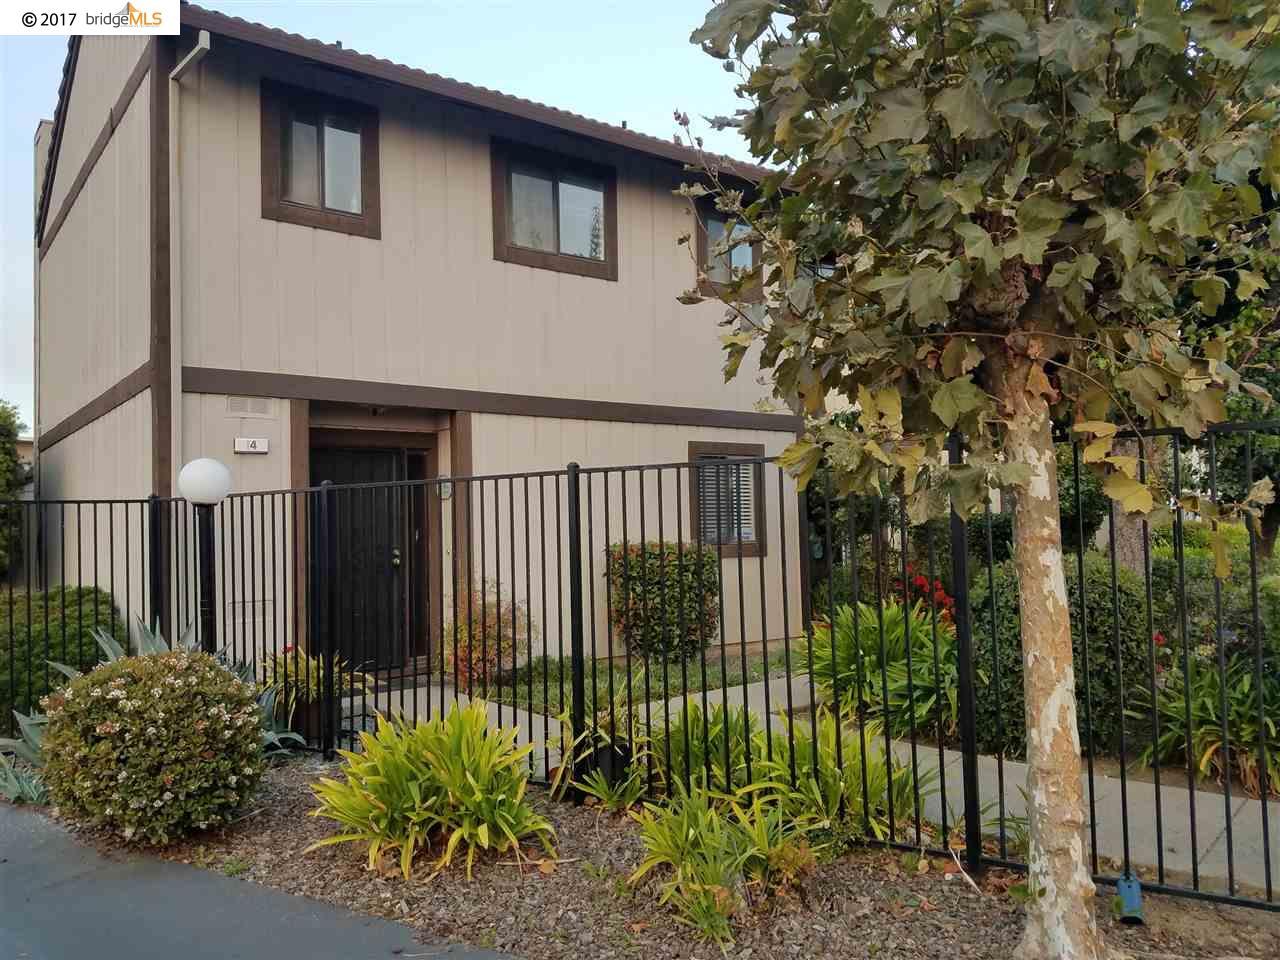 تاون هاوس للـ Sale في 2600 Giant Road 2600 Giant Road San Pablo, California 94806 United States